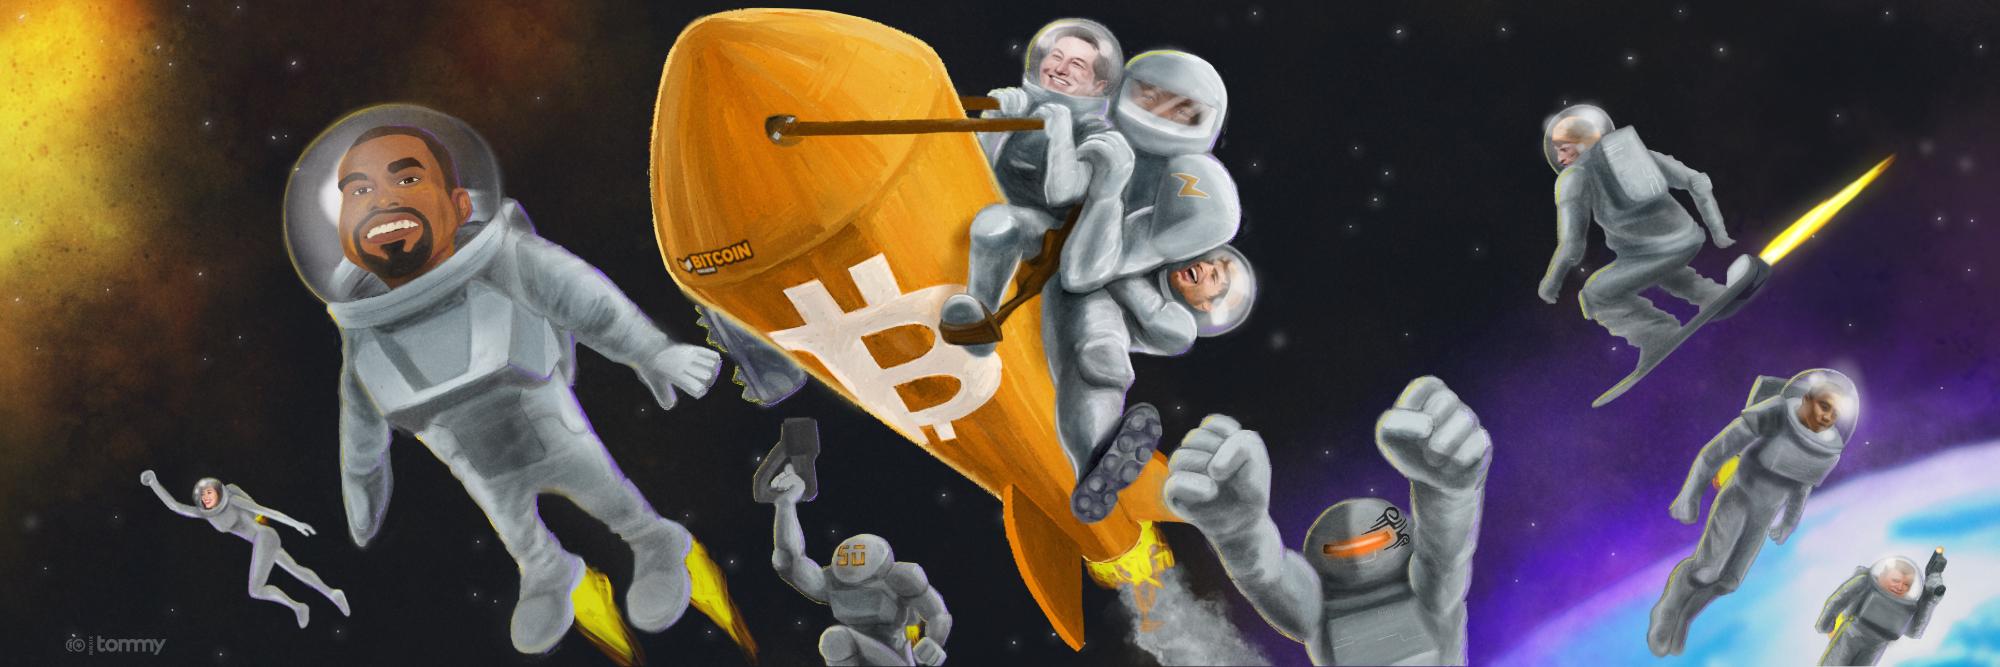 10 Celebs Into Bitcoin – Cover Art for Bitcoin Magazine